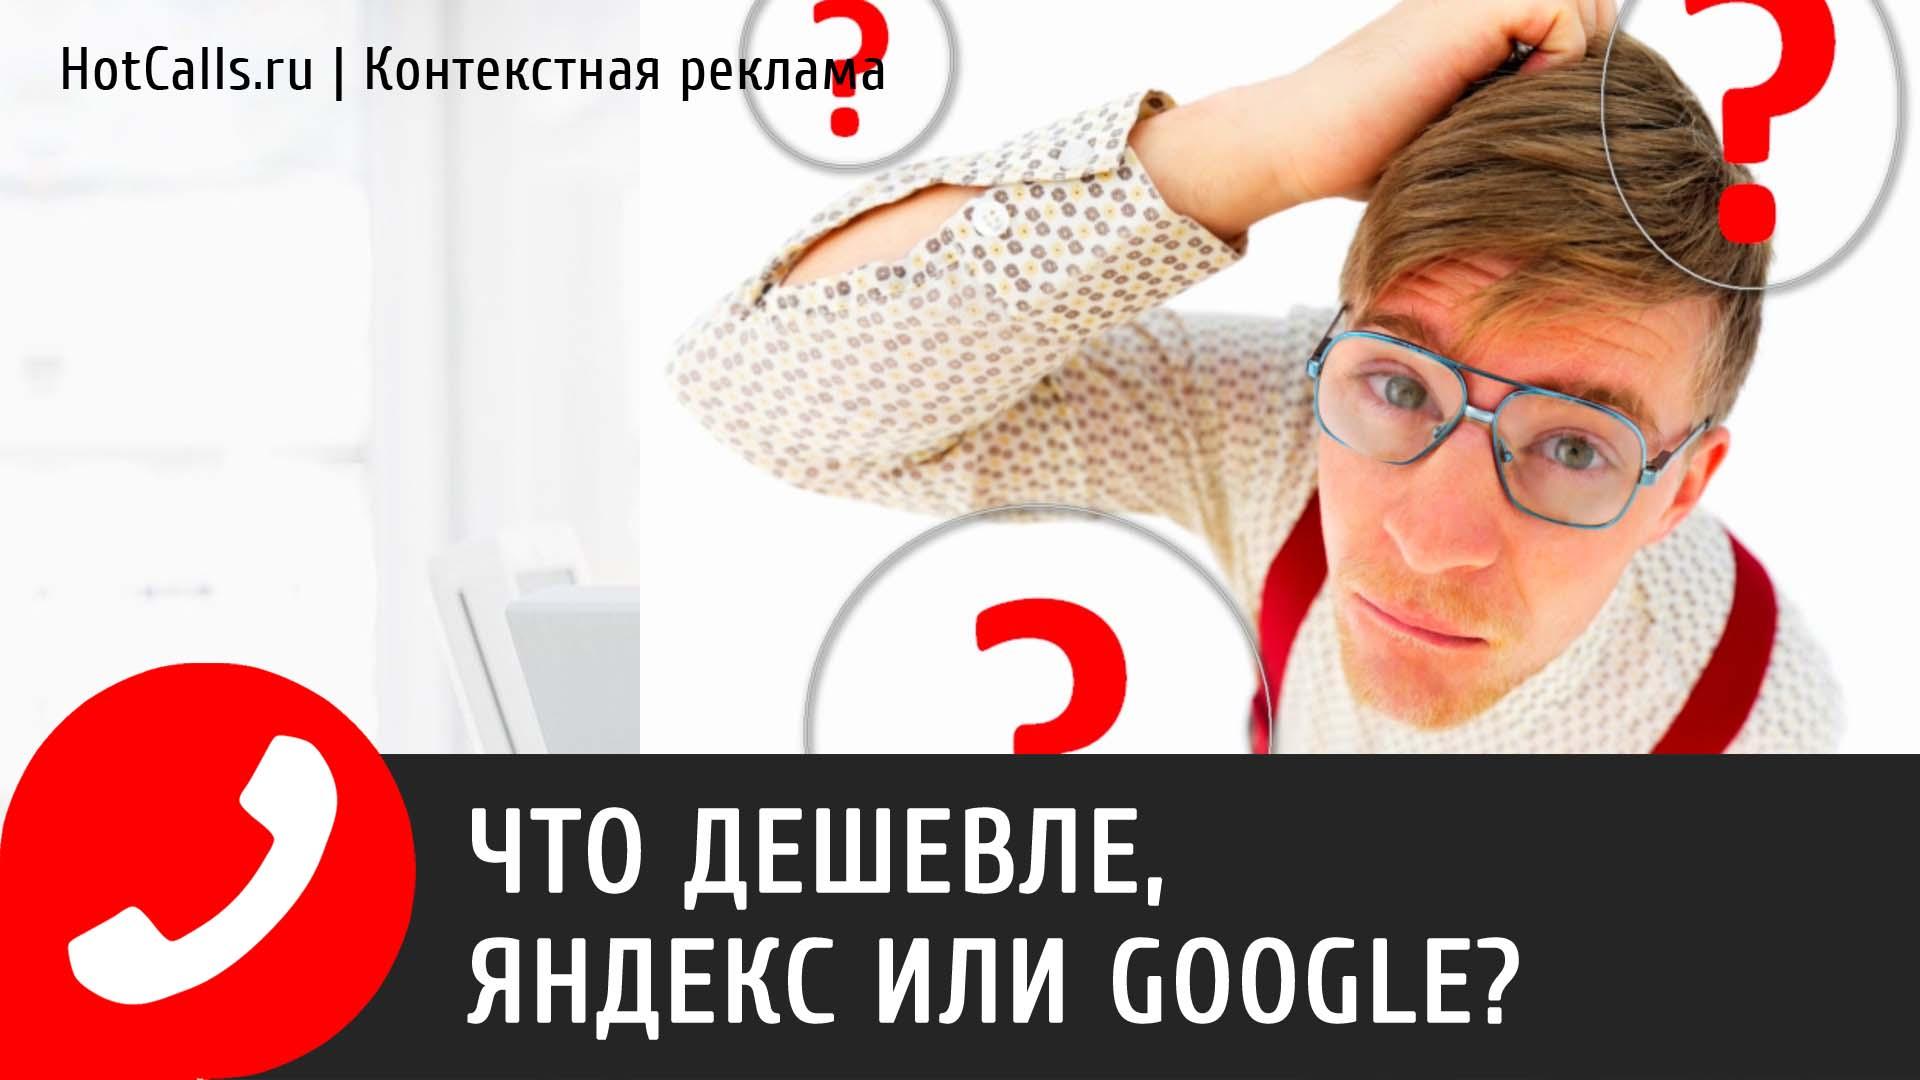 Цена контекстной рекламы Яндекс и Google